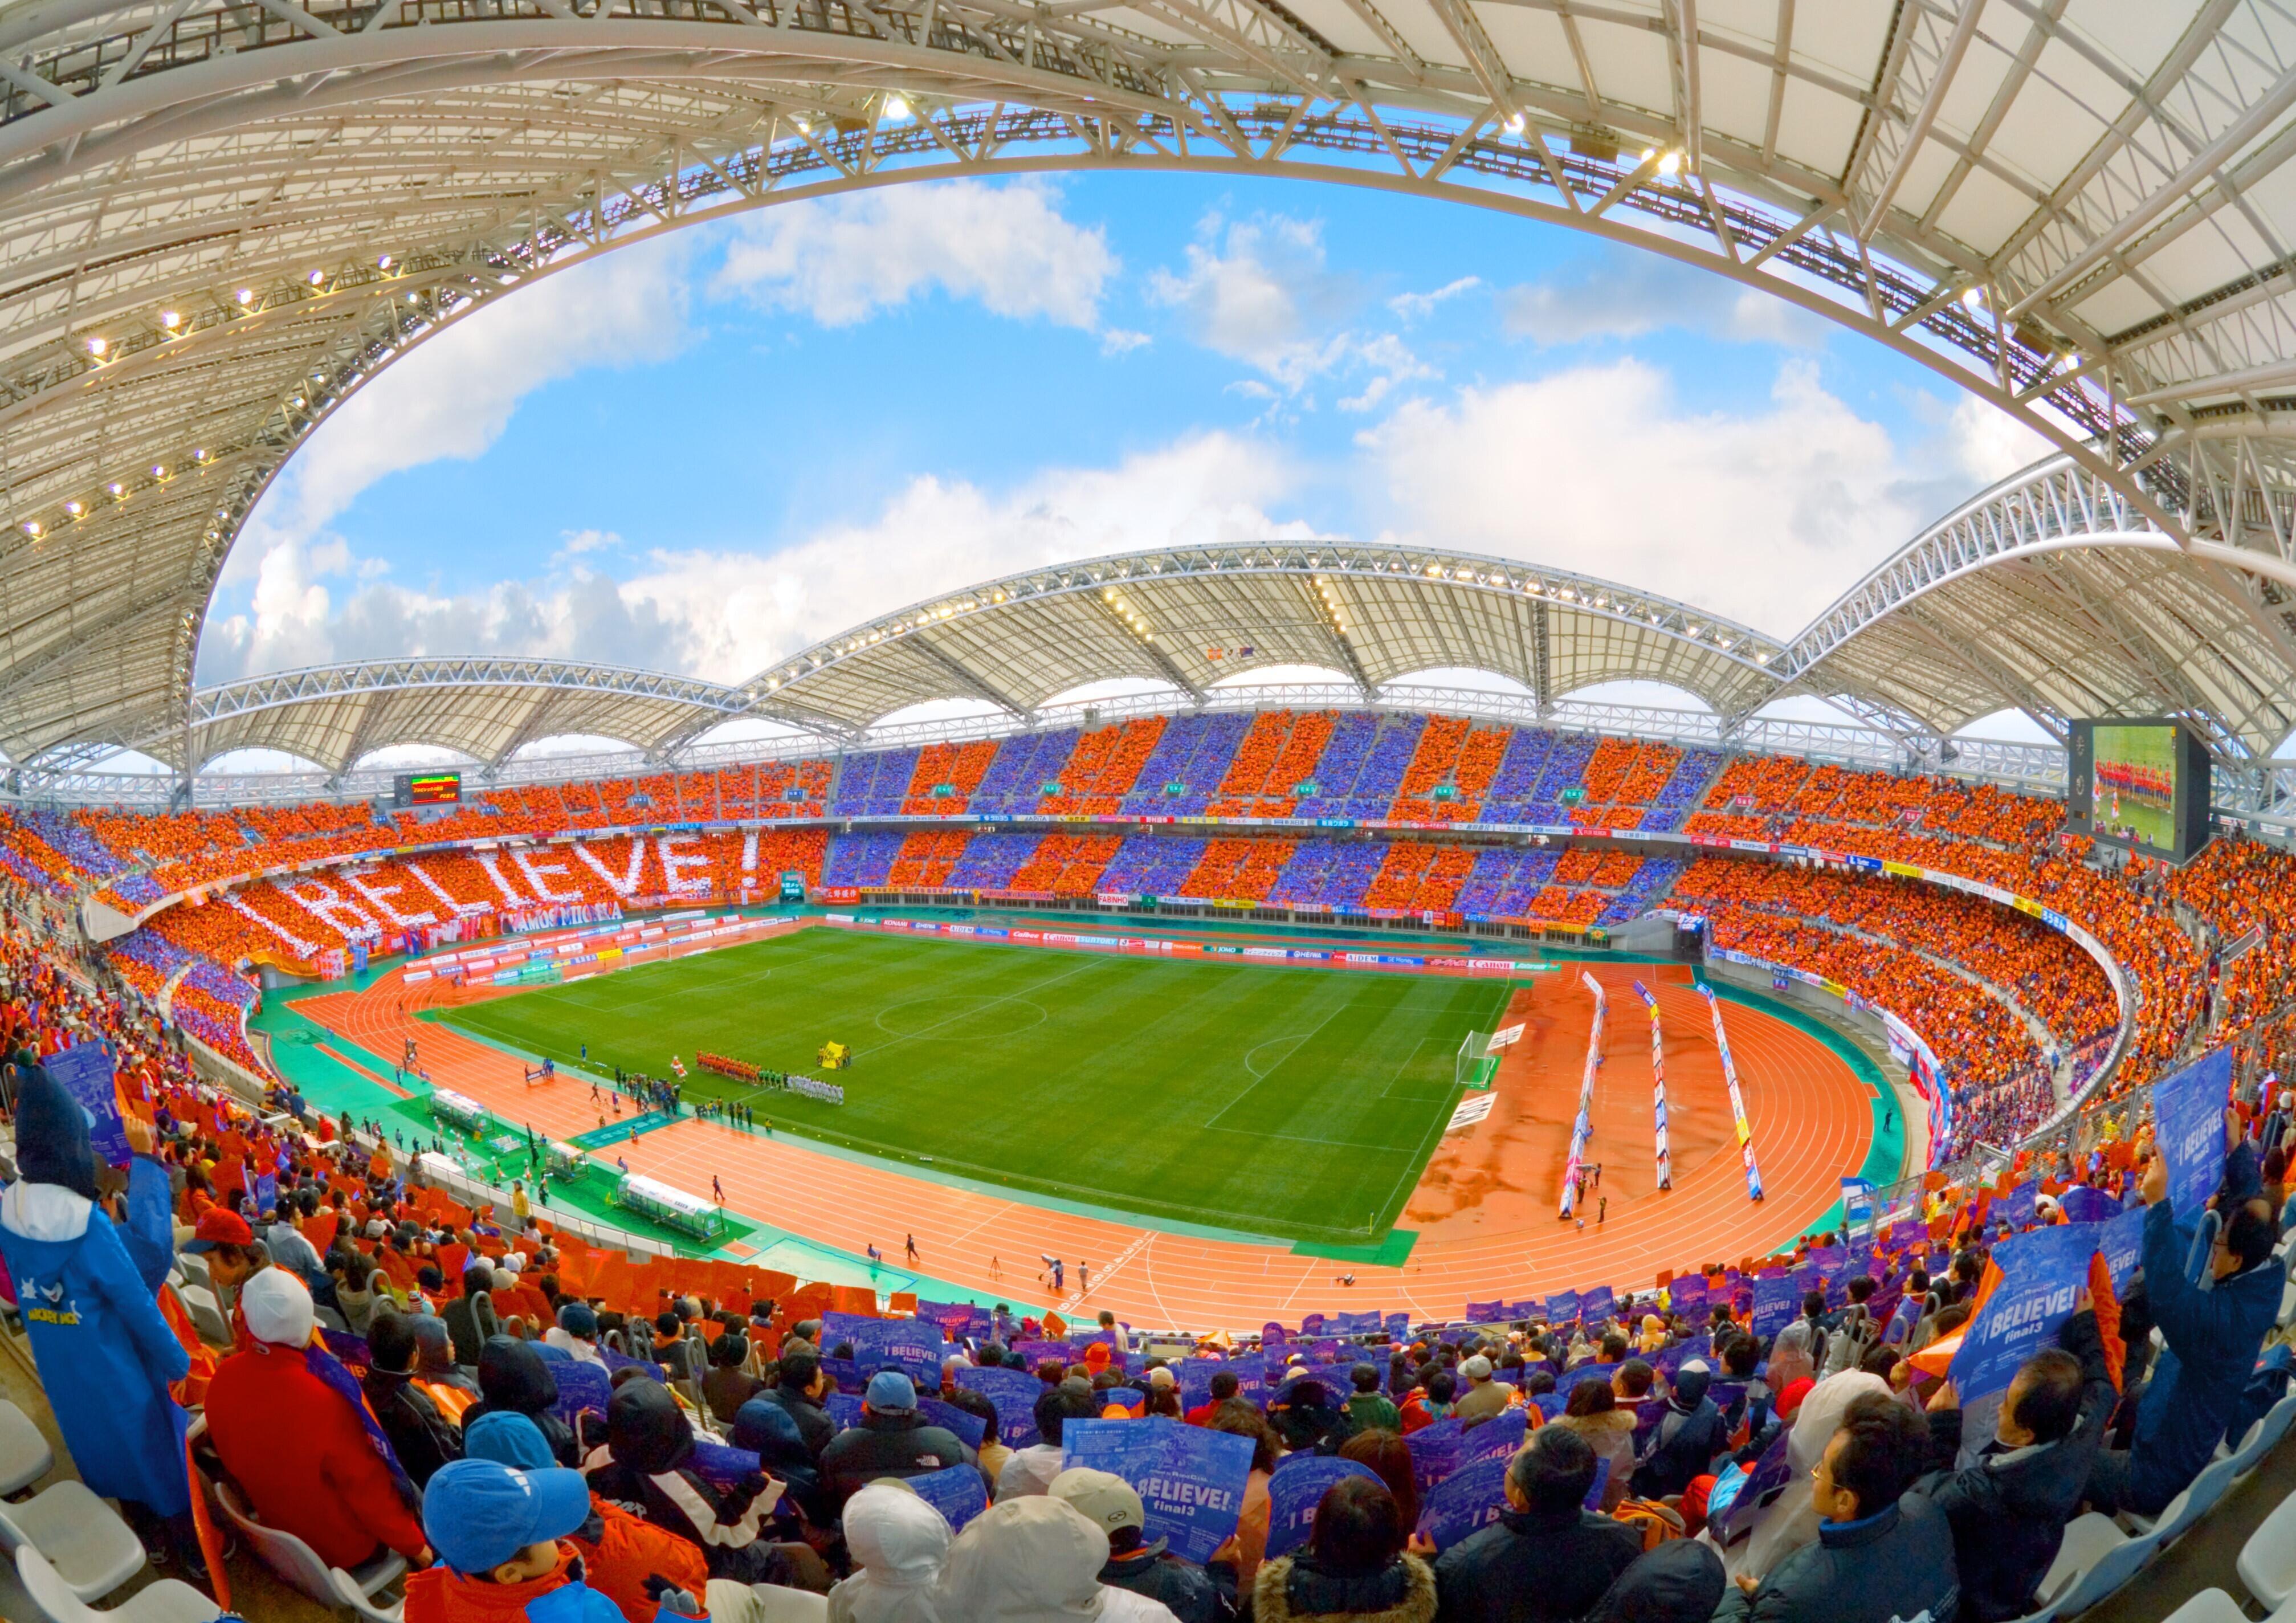 プロ選手のほかにもサッカー界で活躍できる道がある!高2・高1生向け【JAPANサッカーカレッジ 無料オンライン説明会】